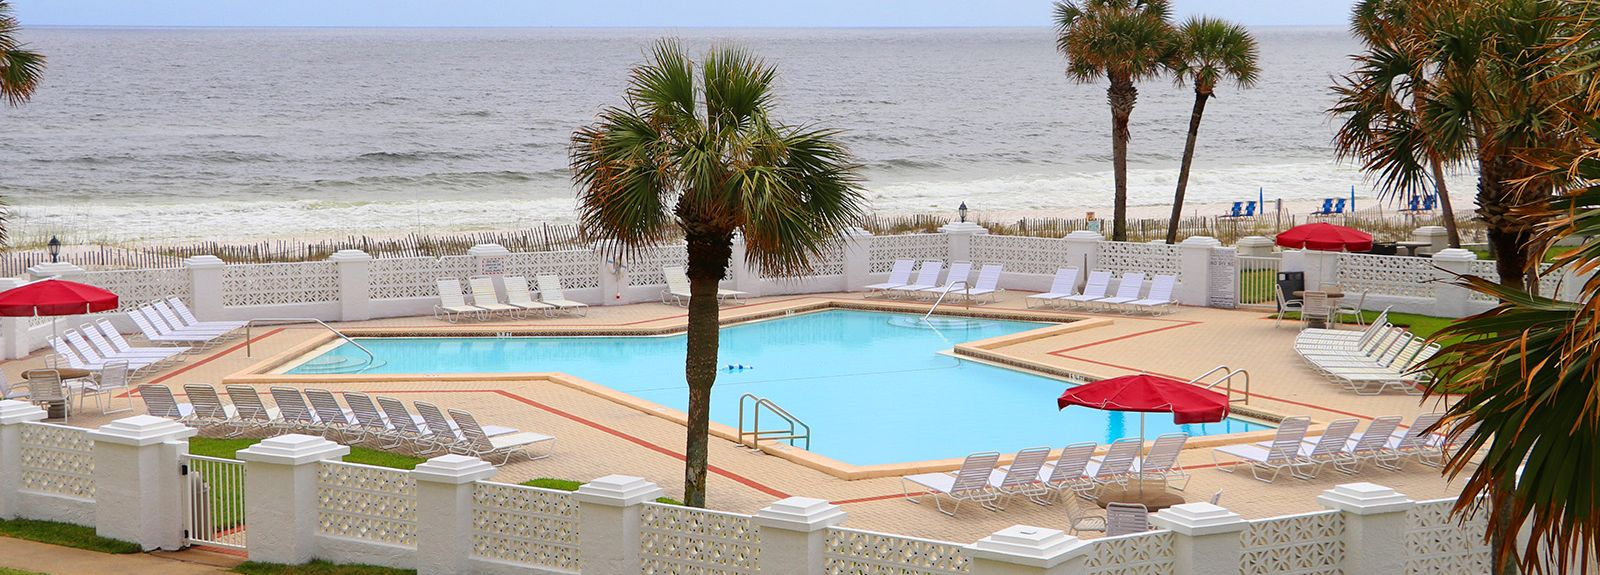 El Matador (Fort Walton Beach, Florida, Stati Uniti d'America)